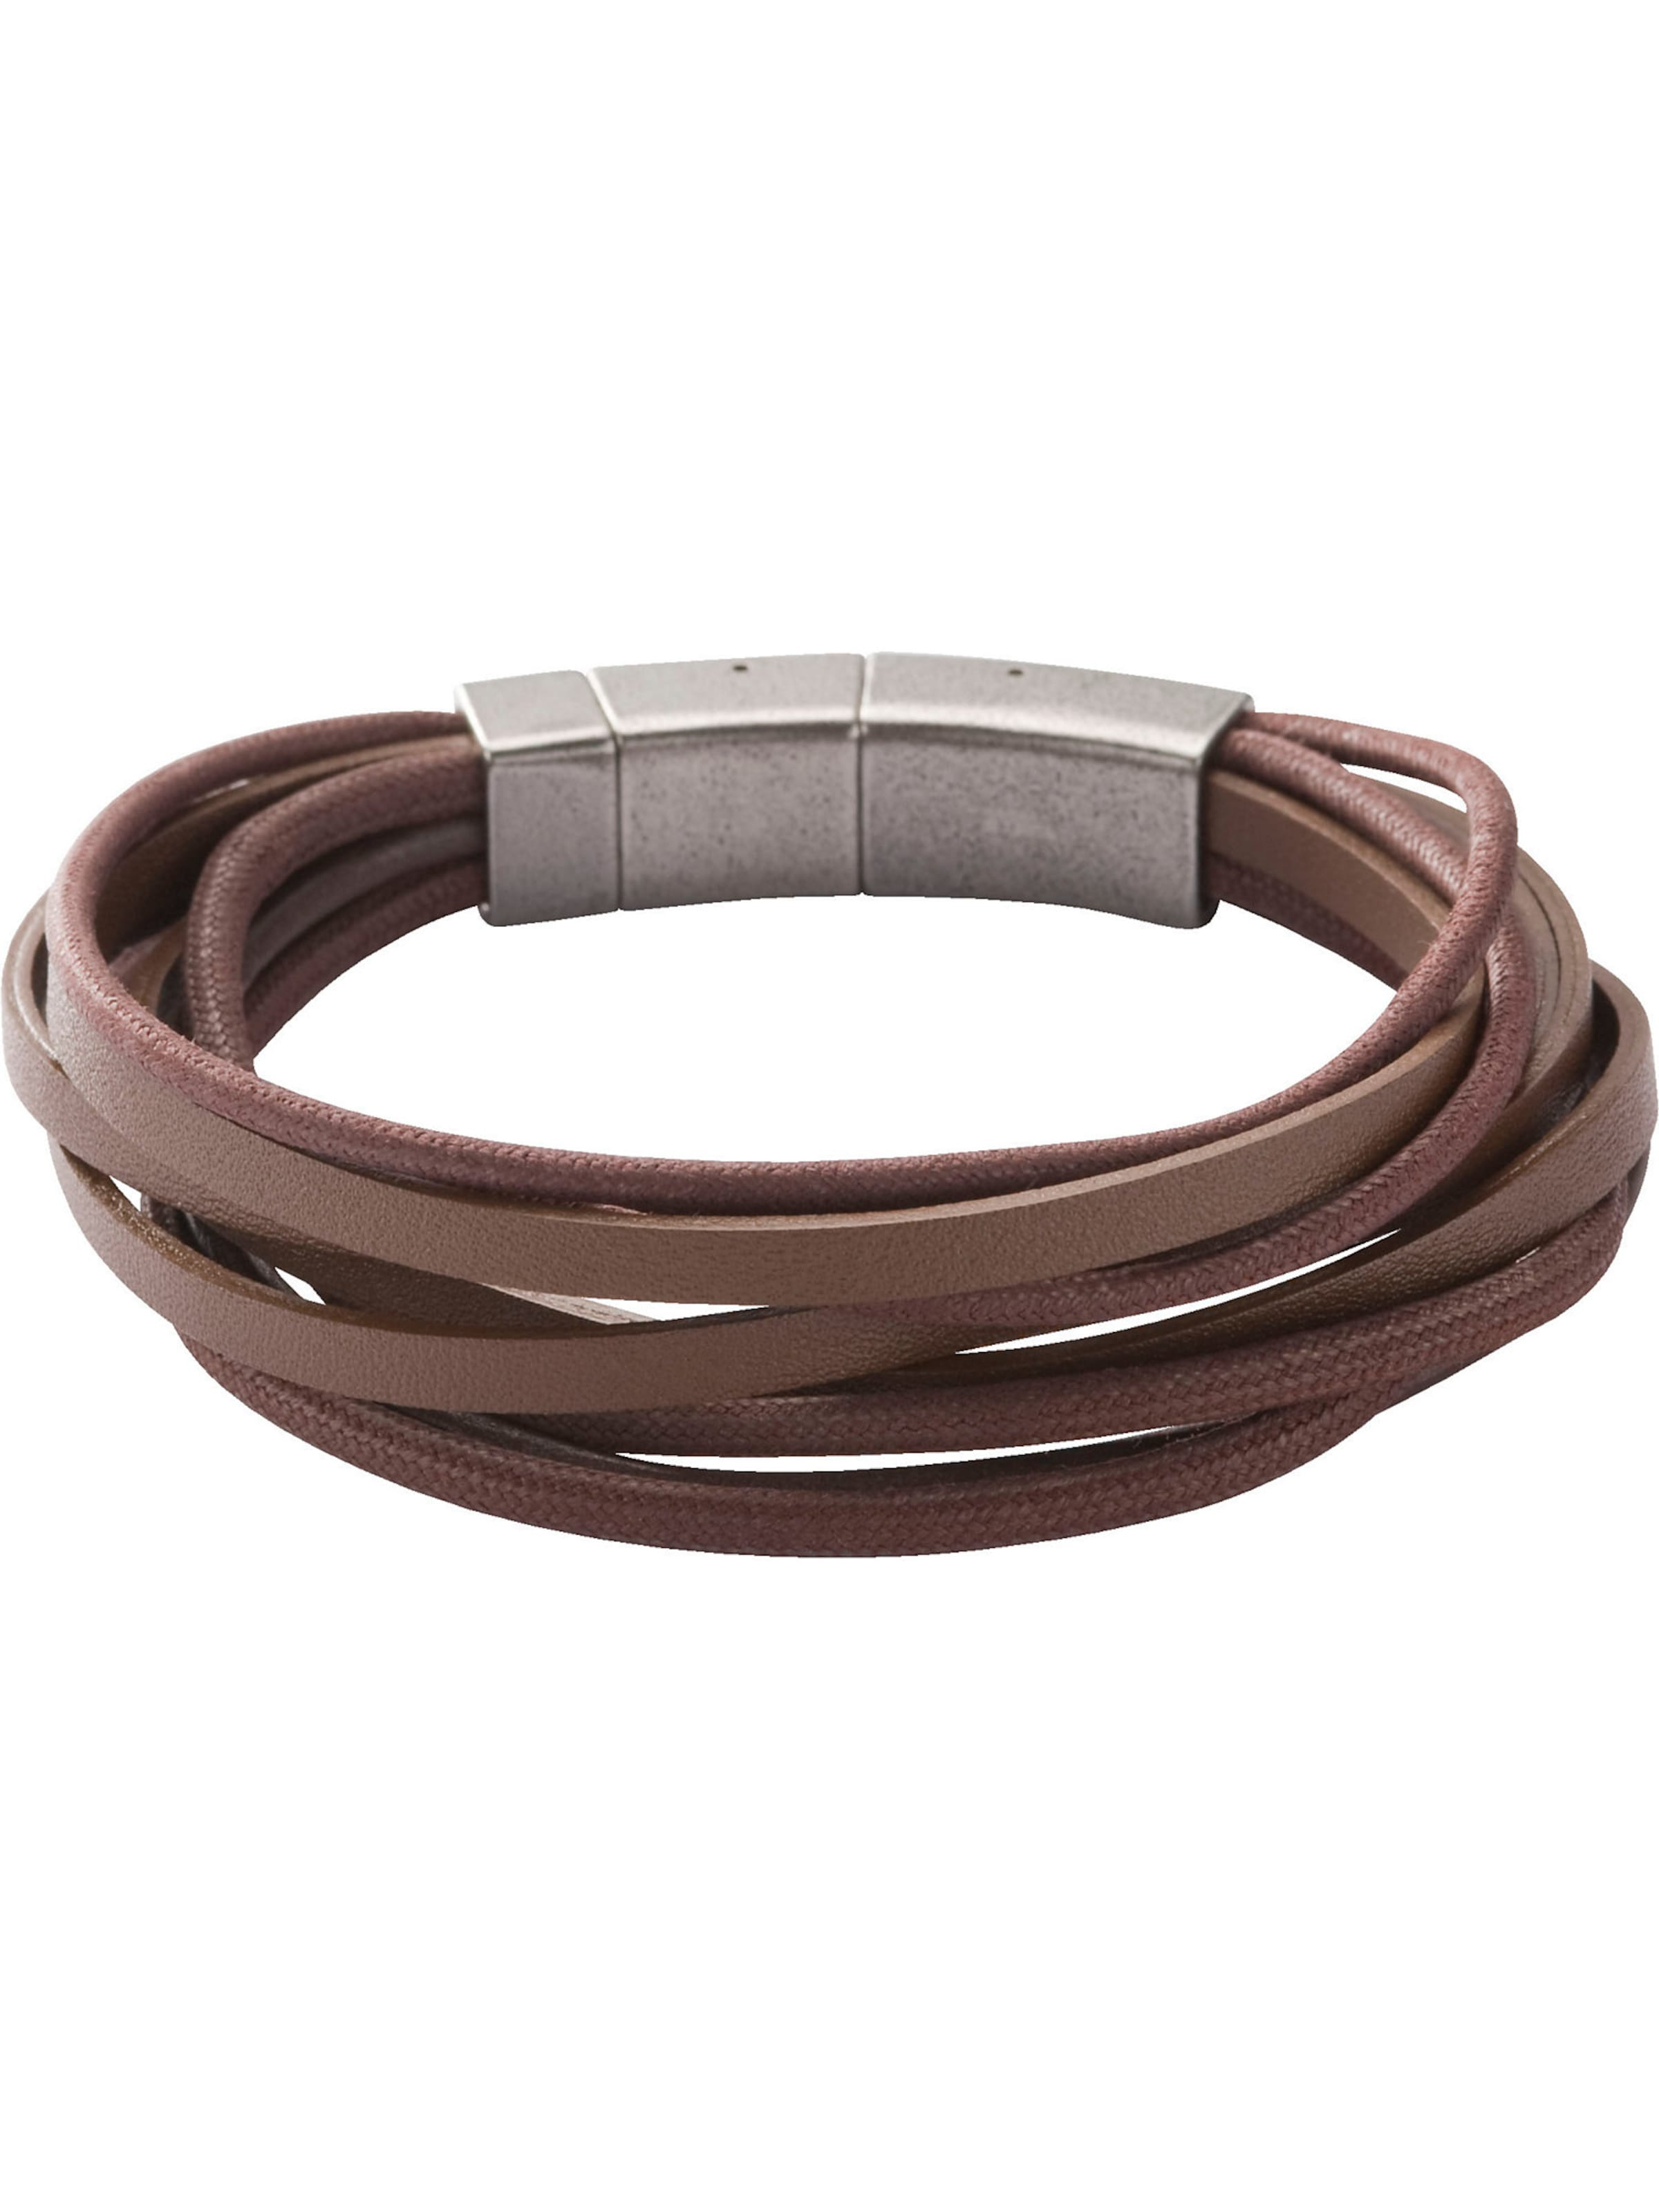 Fossil Armband In In Braun Braun Fossil In Fossil Armband Armband Fossil Armband Braun rdCtQxsh